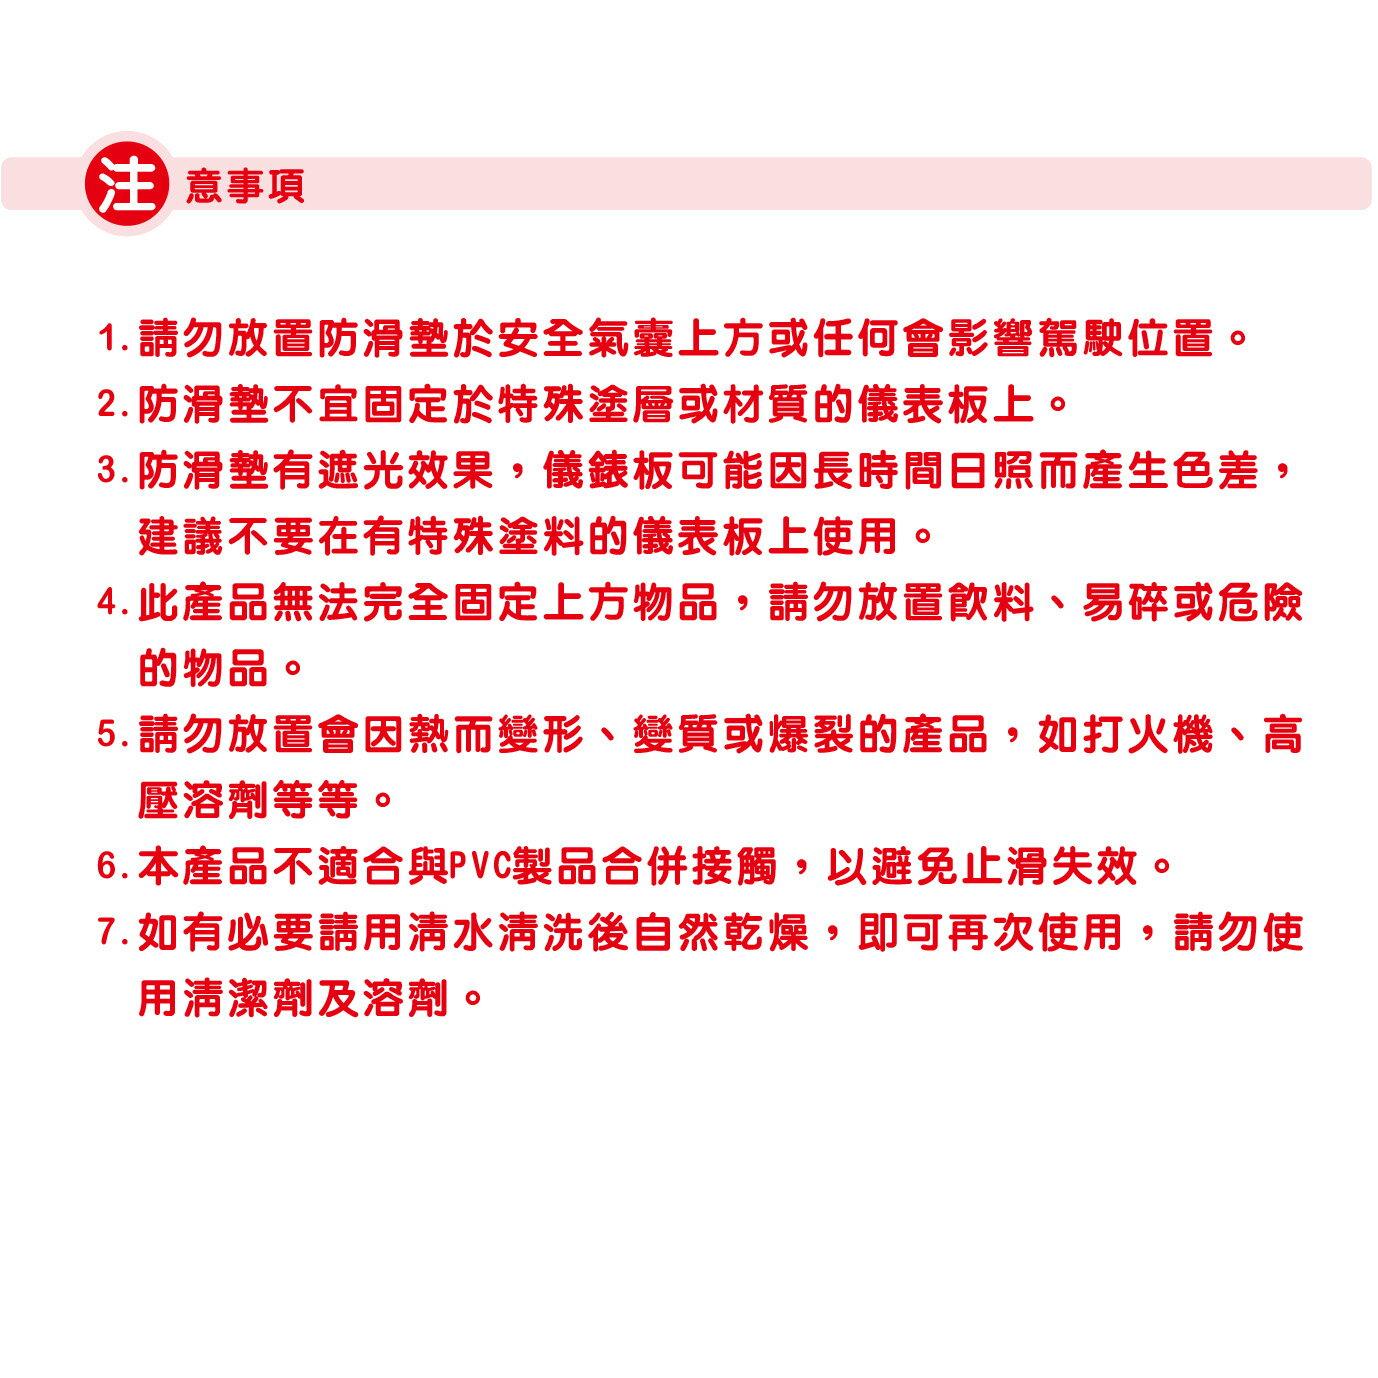 大威寶龍【穩答答防滑墊】長方形系列 /超薄車用止滑墊-布面汽車防滑墊 車載止滑貼 汽車防滑貼 8